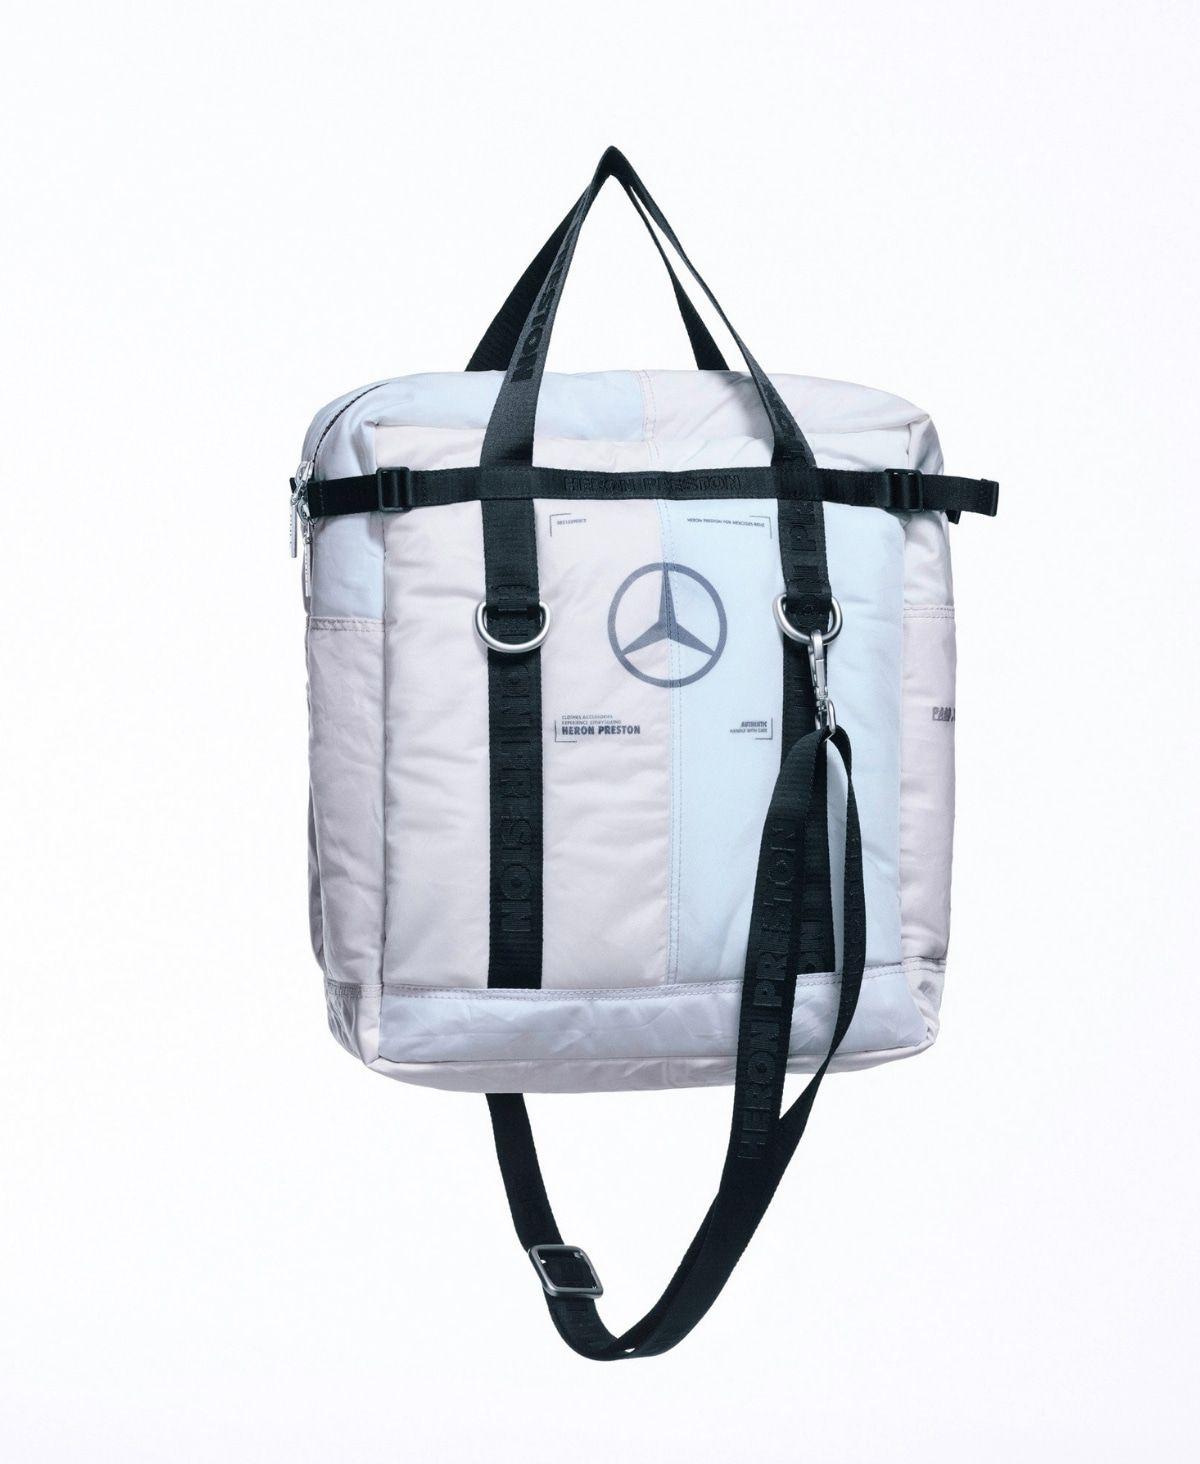 Mercedes-Benz x Heron Preston entwerfen aufblasbare Airbags zum anziehen